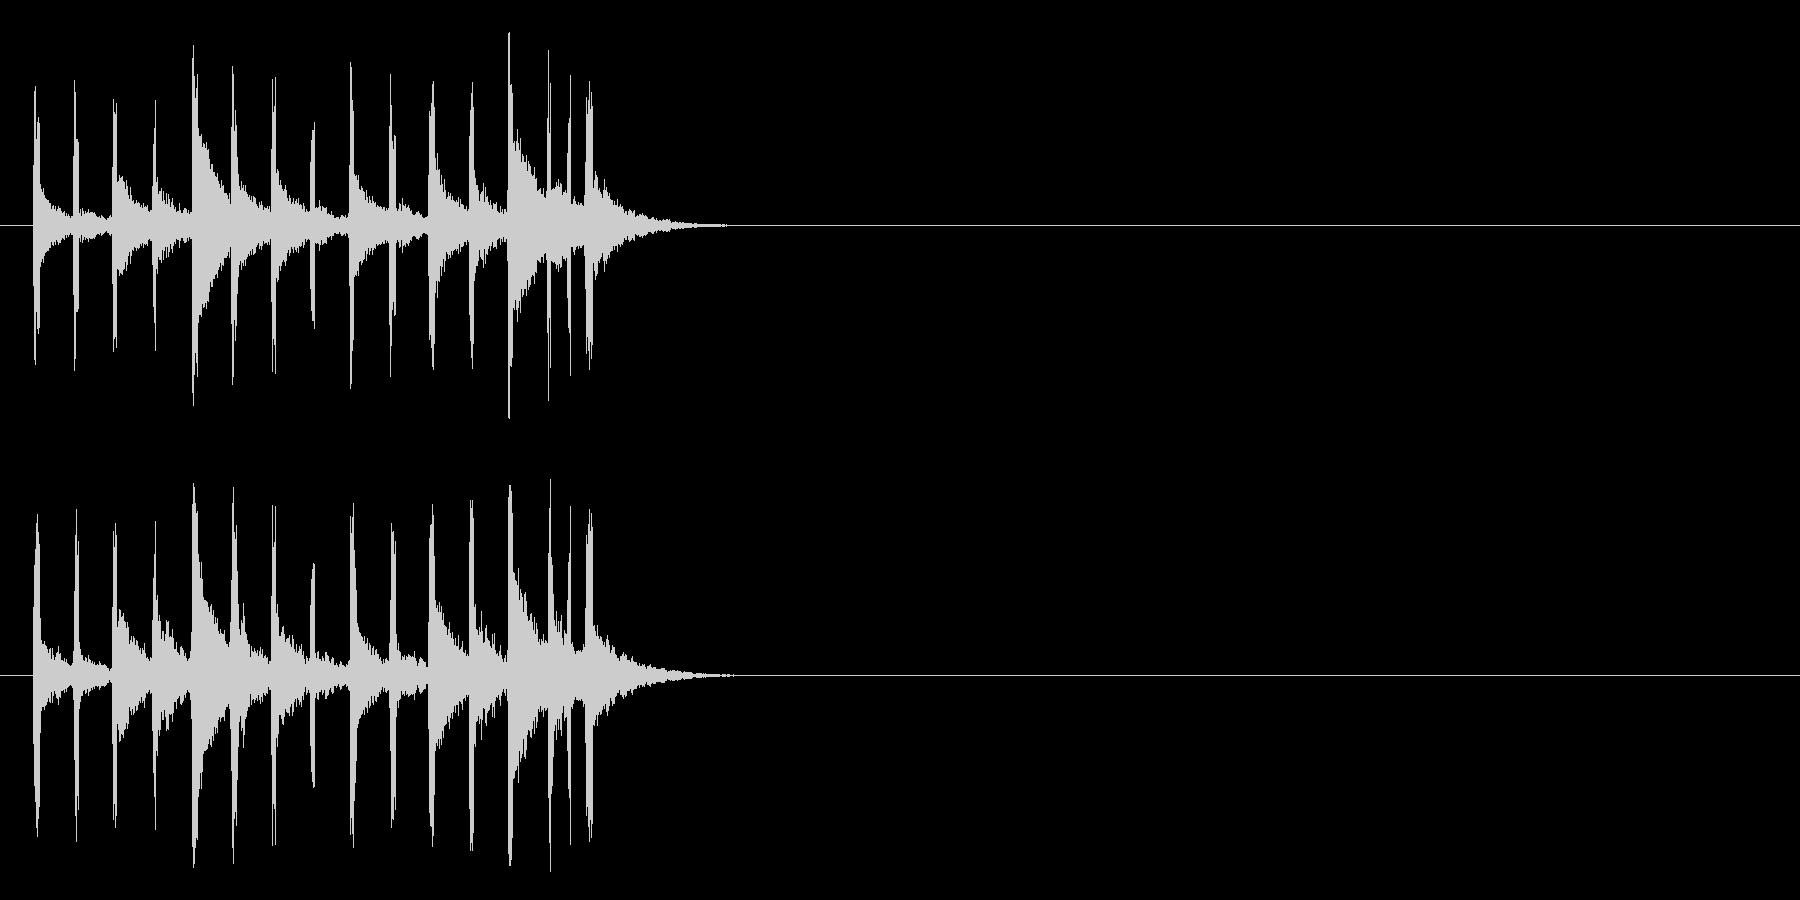 コミカル・タッチジングルの未再生の波形